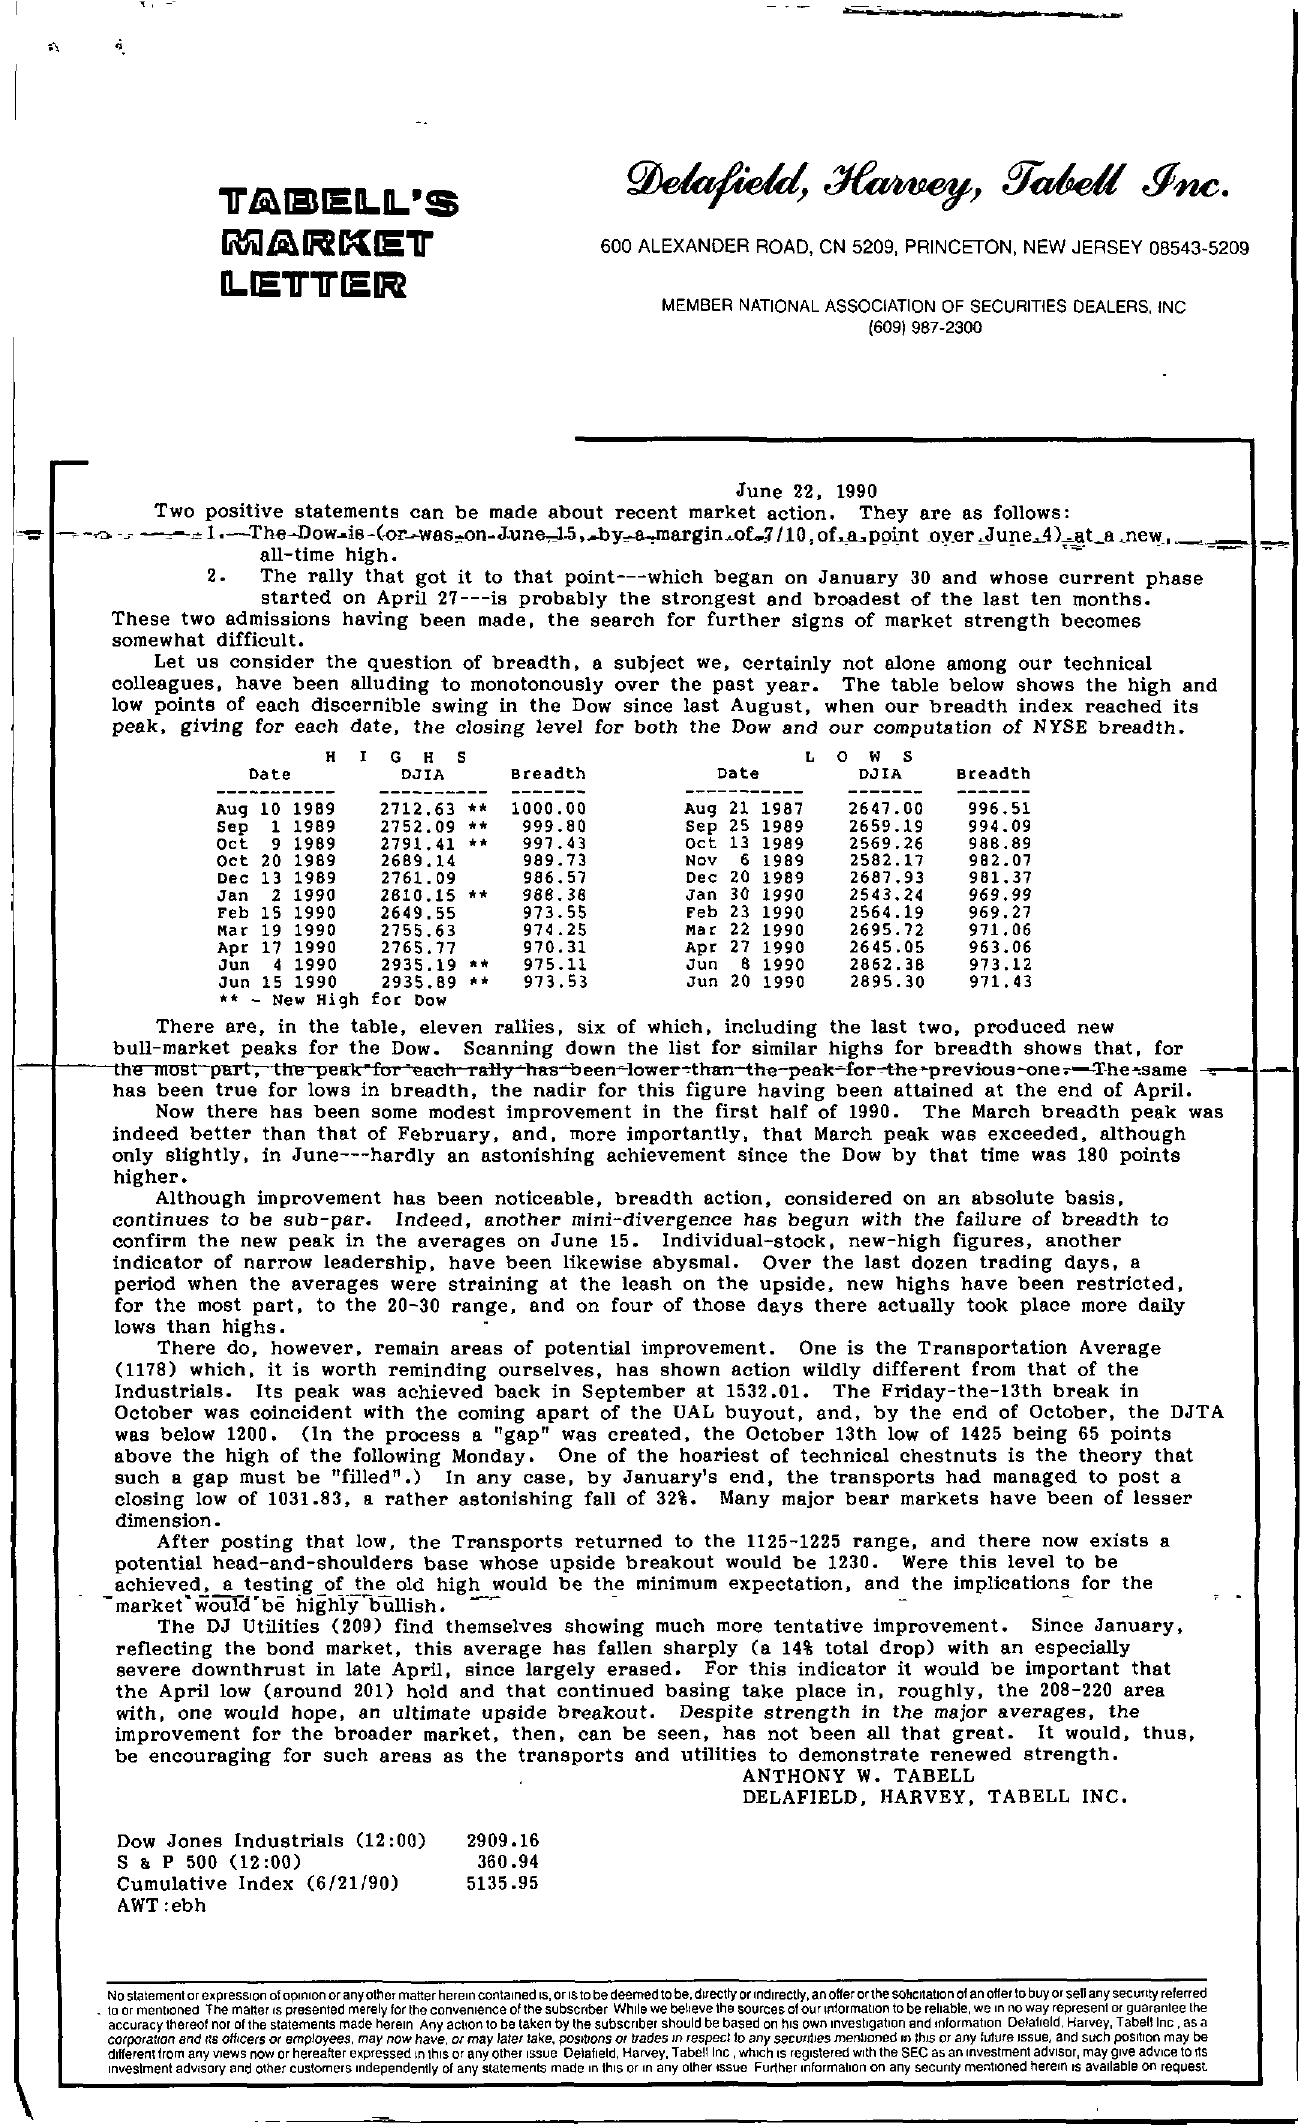 Tabell's Market Letter - June 22, 1990